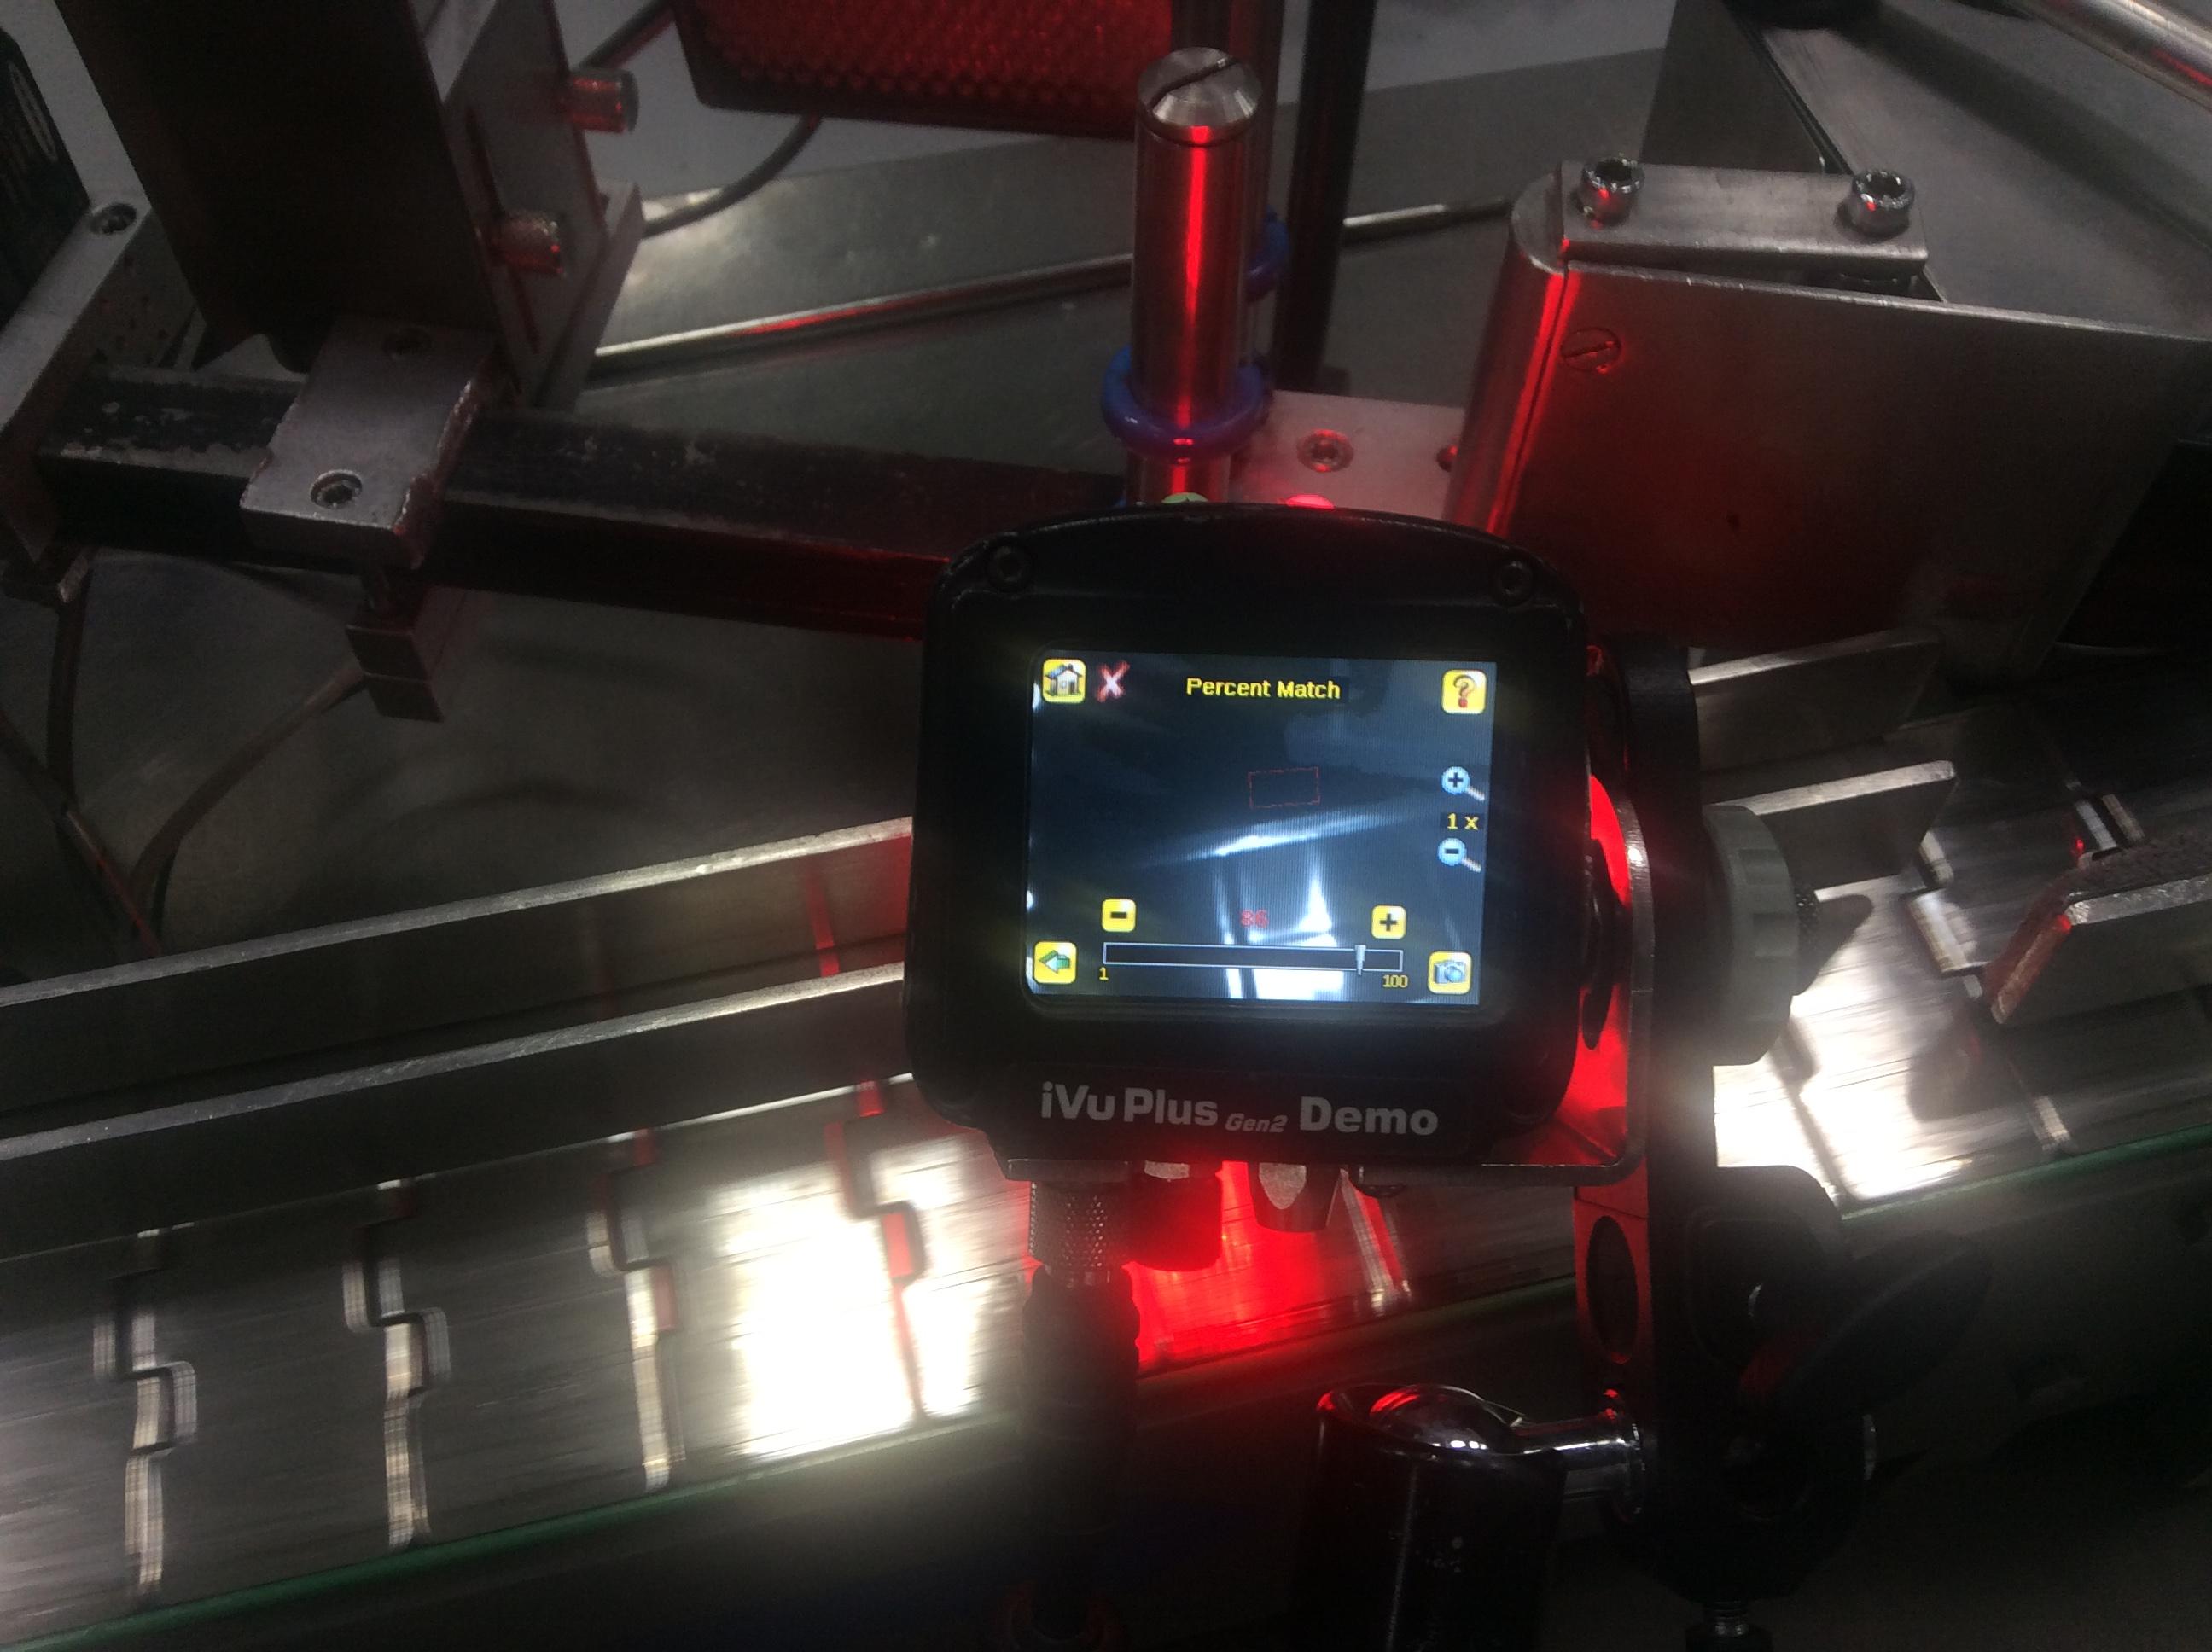 UNSEEN ERA TECHNOLOGIES PVT LTD